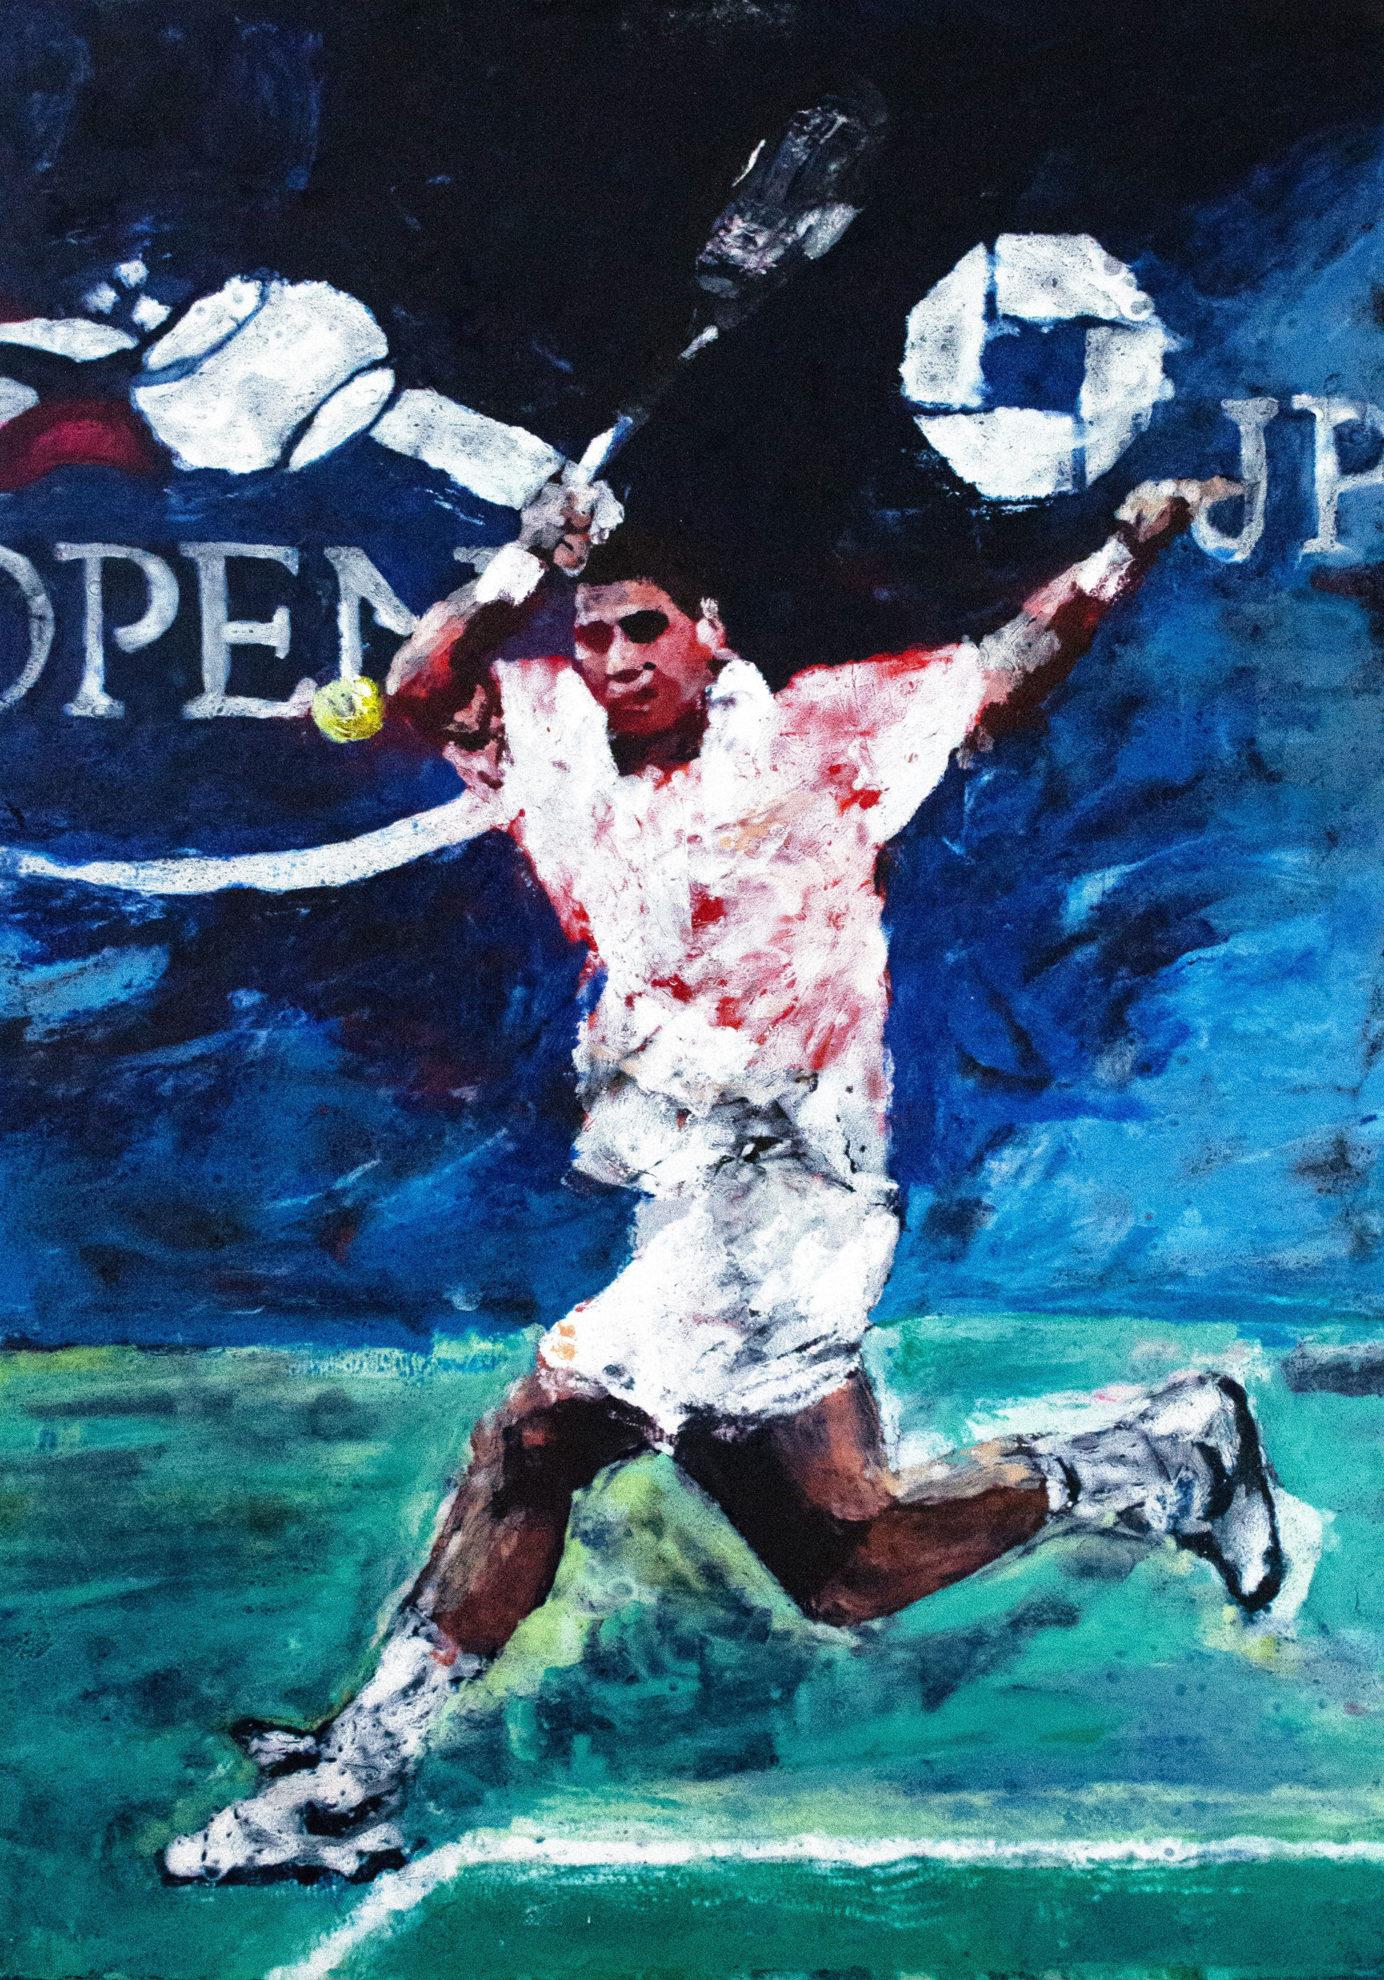 Pete Sampras, 2002 US Open Champion